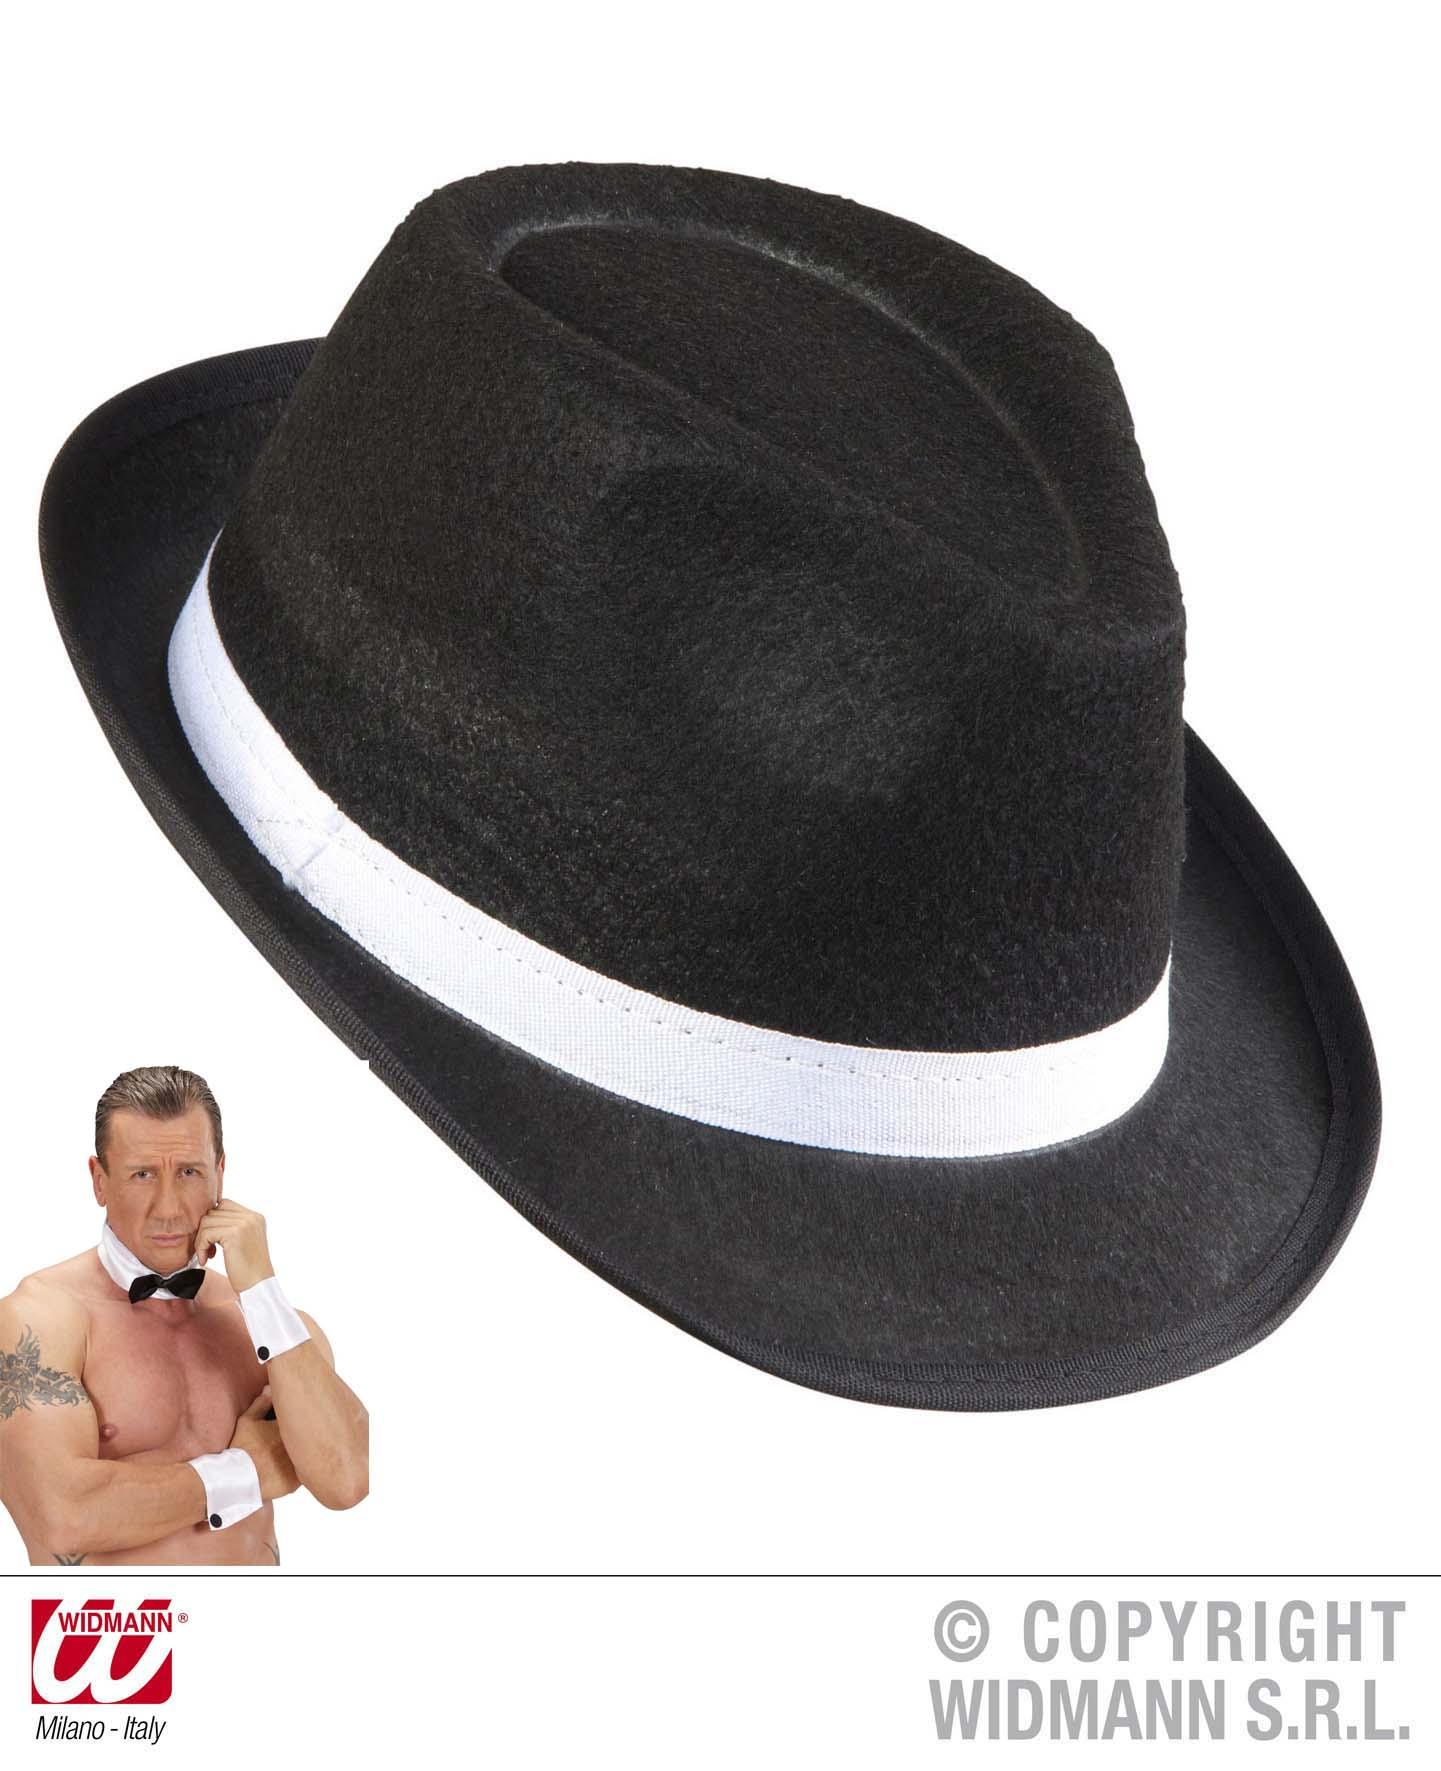 4 tlg Gangster Hut schwarz, Hutband, Fliege, Manschetten Junggesellen